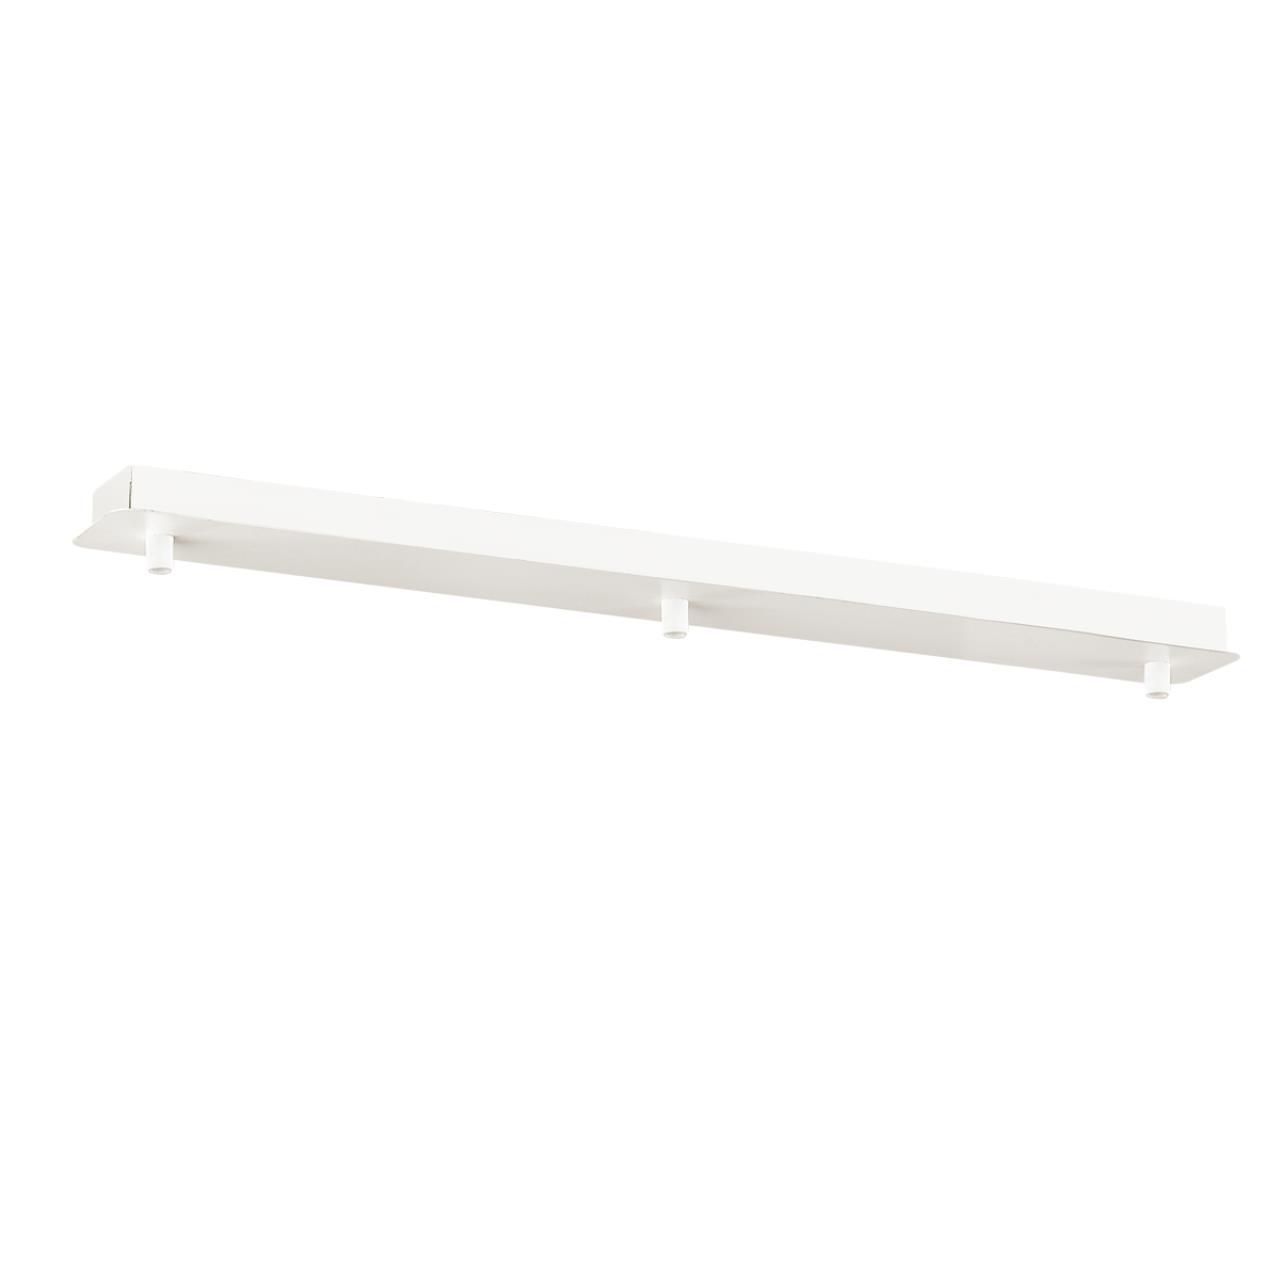 Основание для светильника Lumion 4507/3 Suspentioni